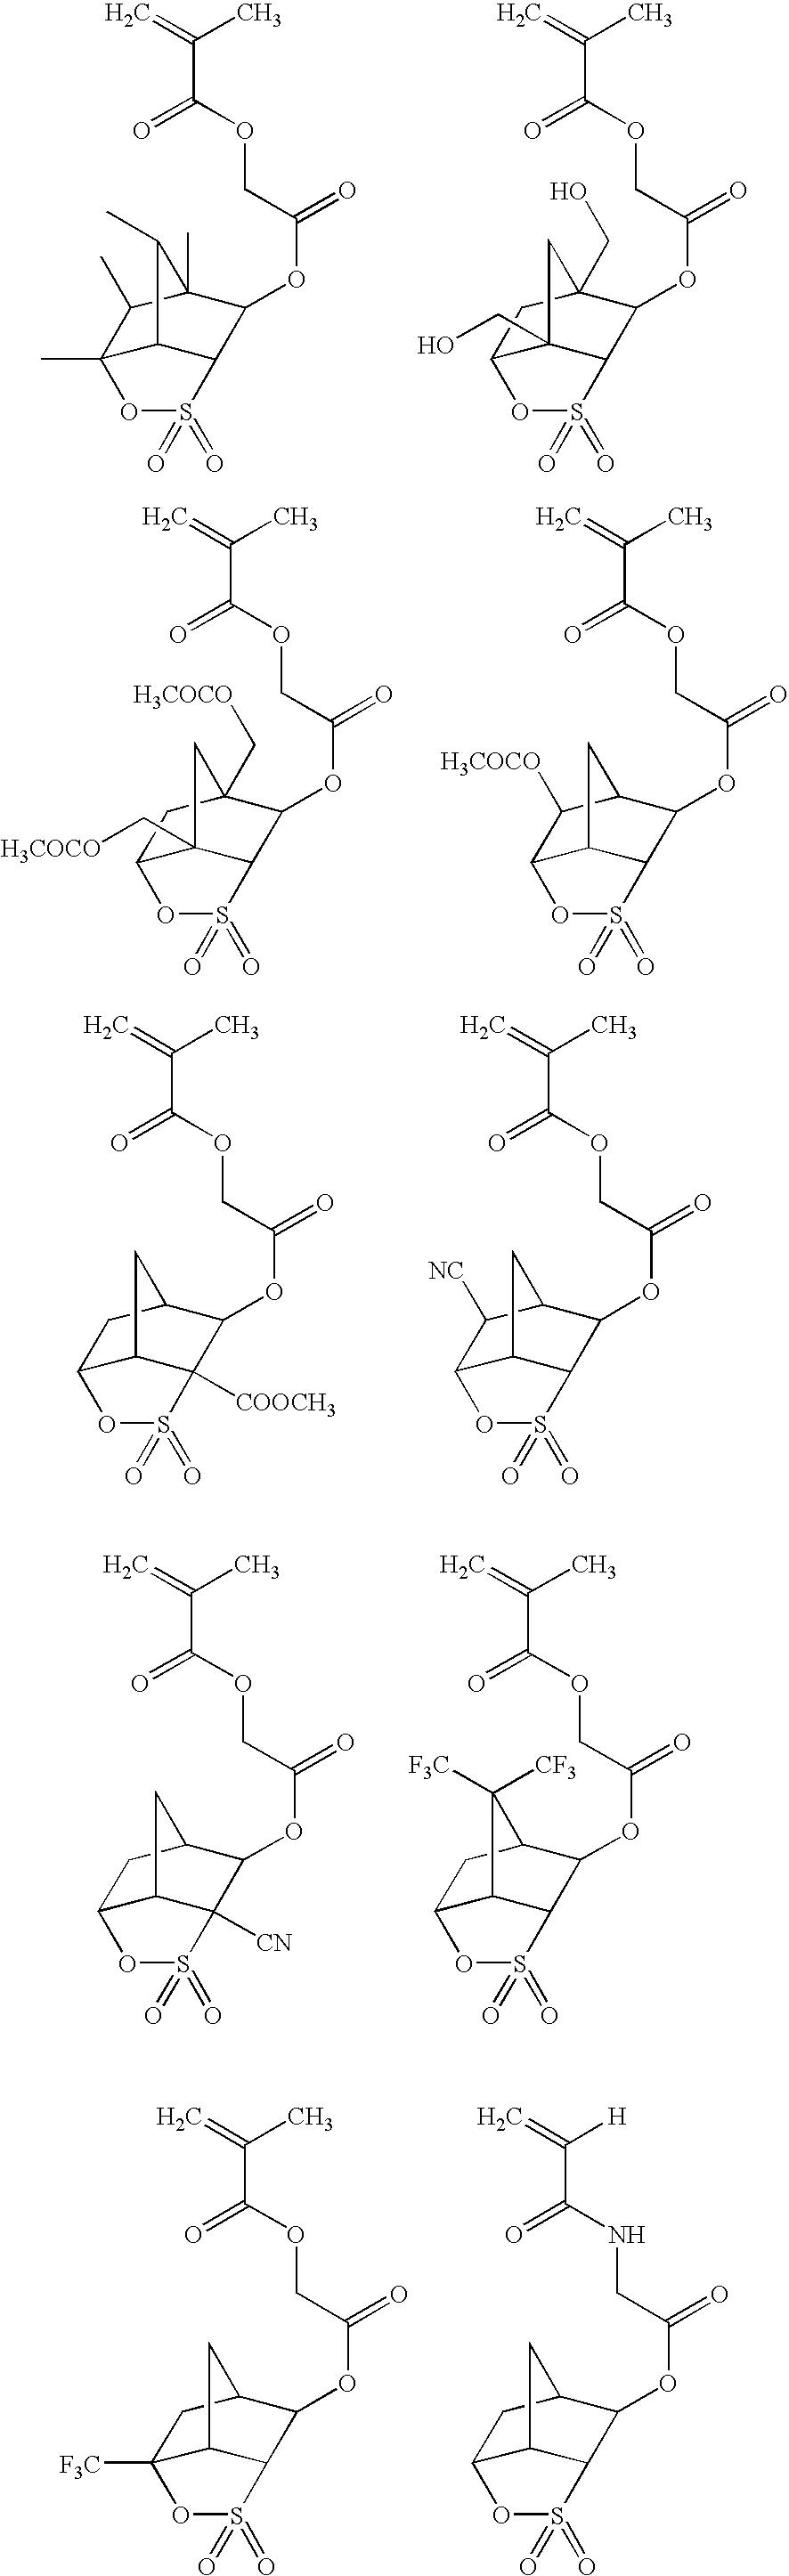 Figure US20100323296A1-20101223-C00029